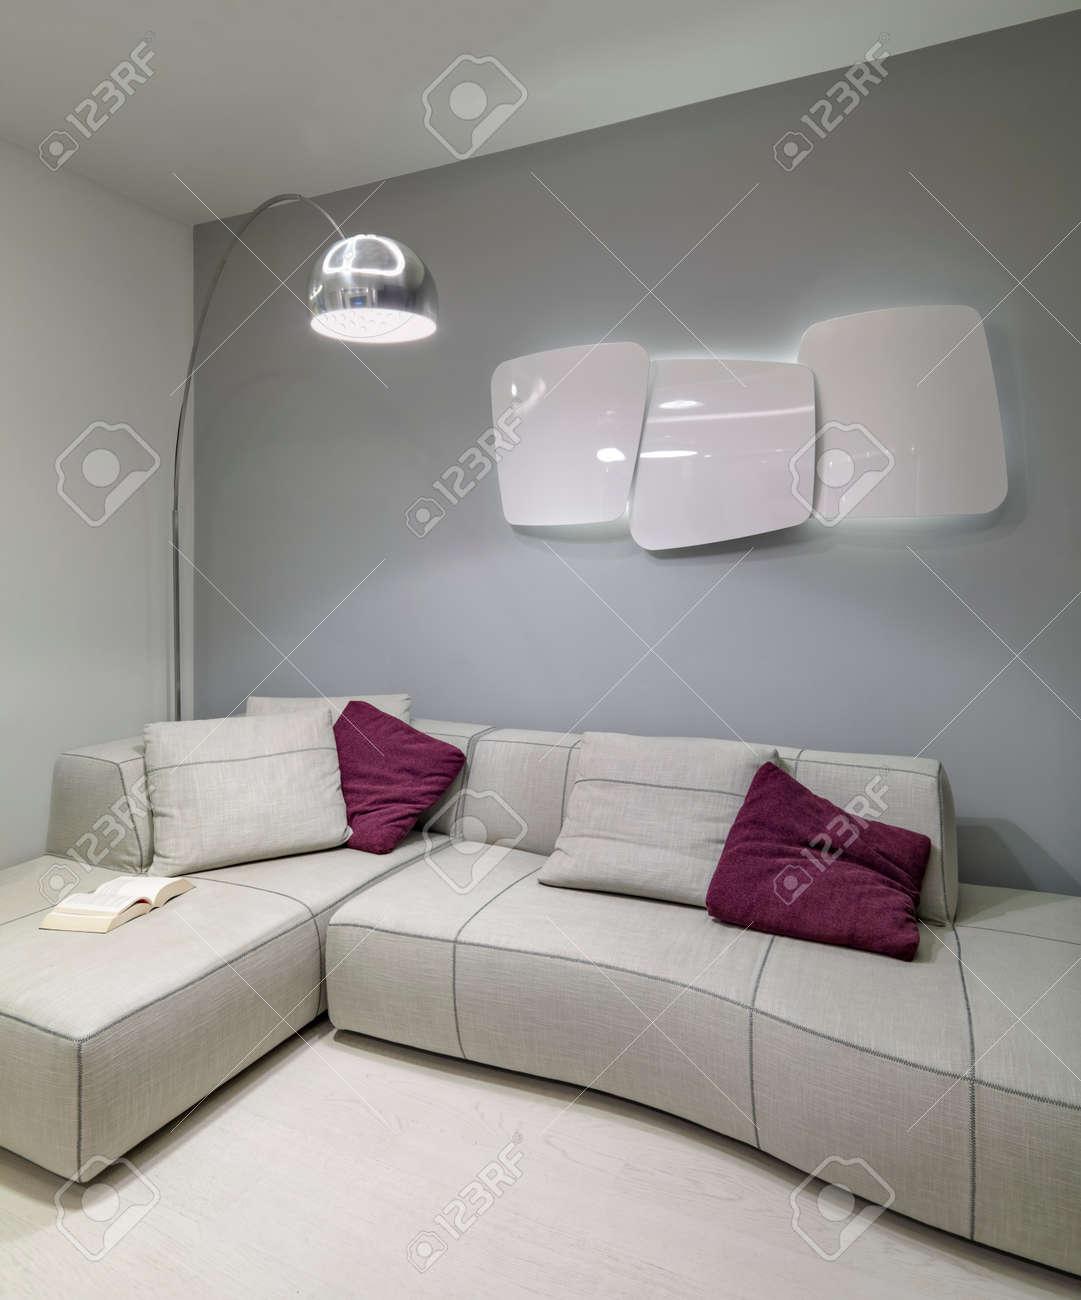 Détail de canapé en tissu avec oreiller violet dans le salon moderne avec  chauffage sur la lampe loor mur andf